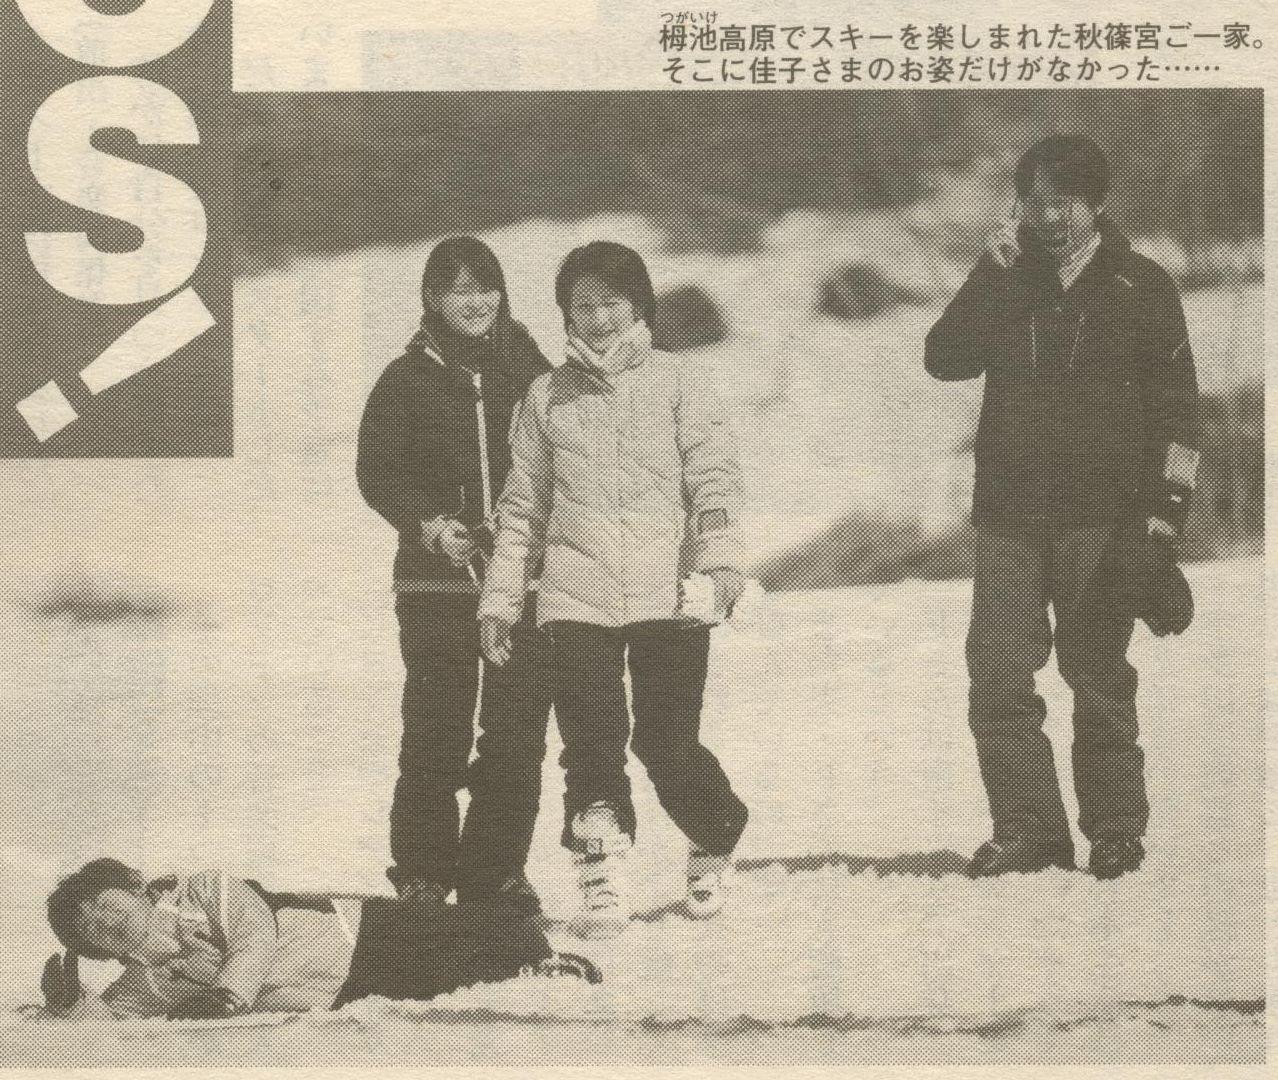 秋篠宮家のお噂(雑談スレ)7 [無断転載禁止]©2ch.net->画像>362枚